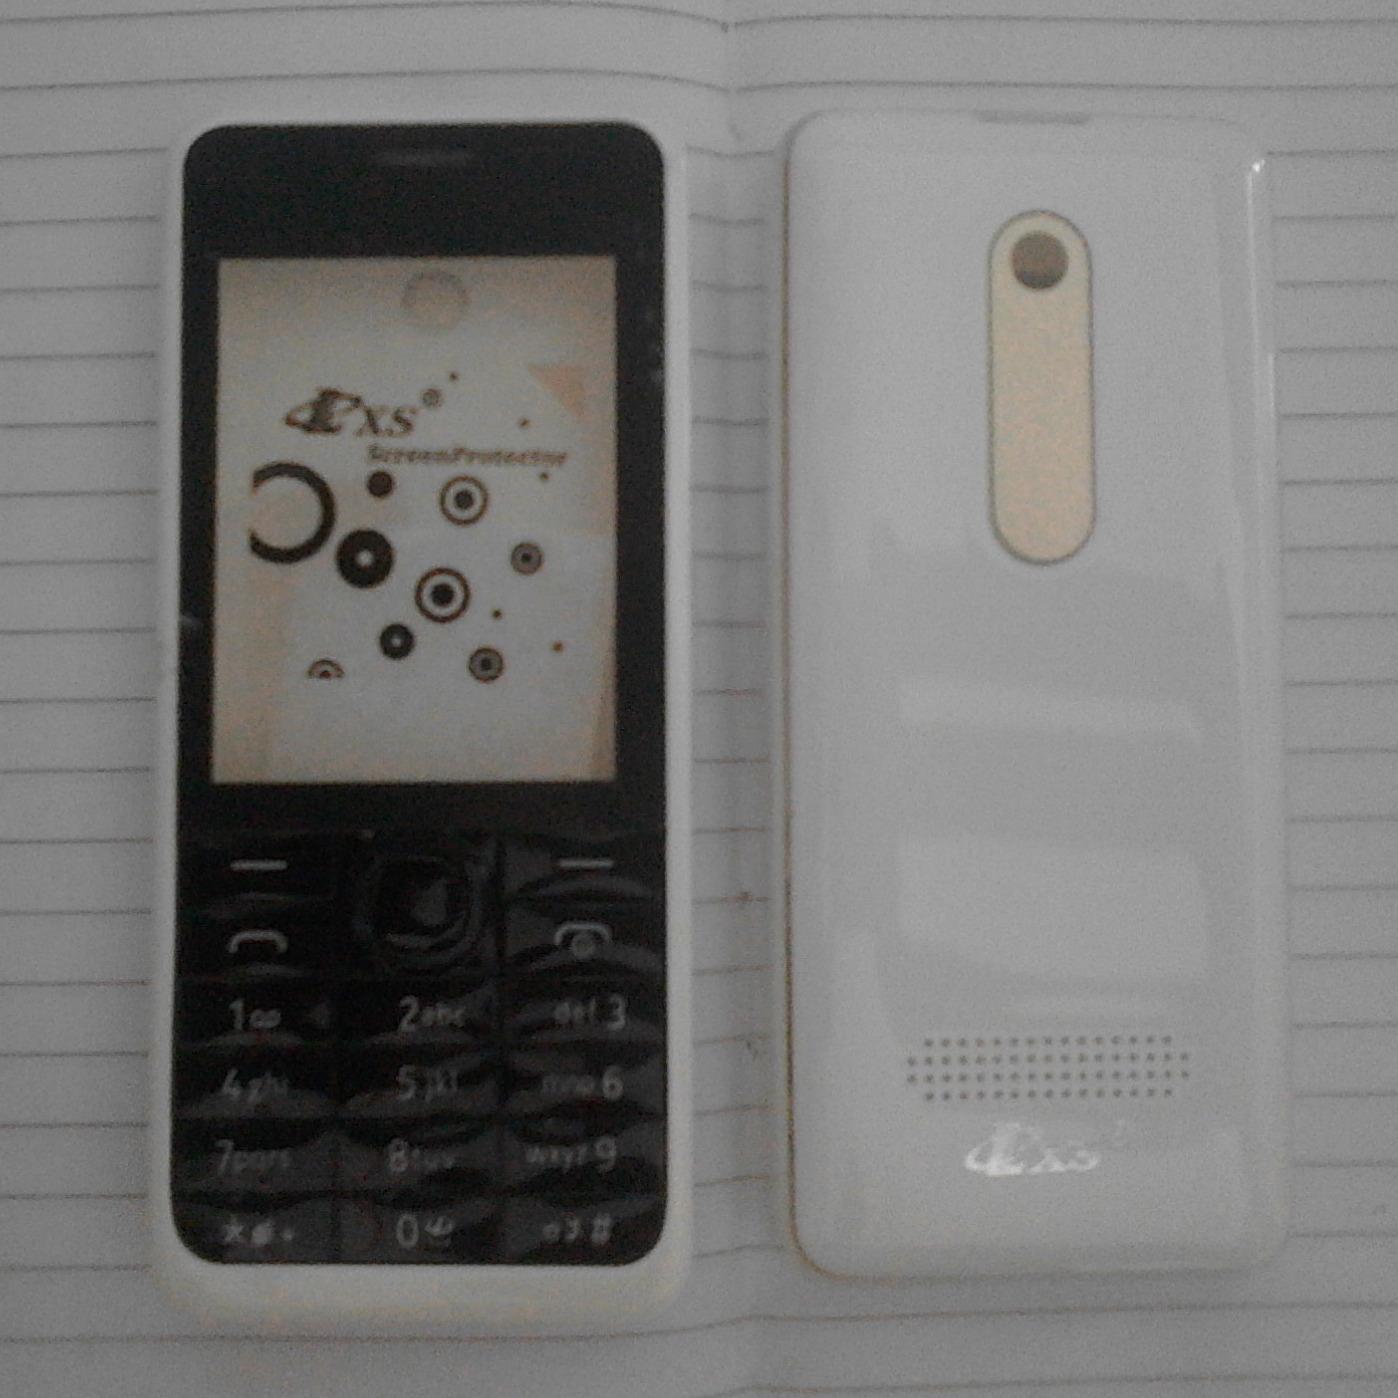 Kesing Nokia 301 Kasing Cesing Jadul Chesing Chasing Chassing Casing Nokia N301